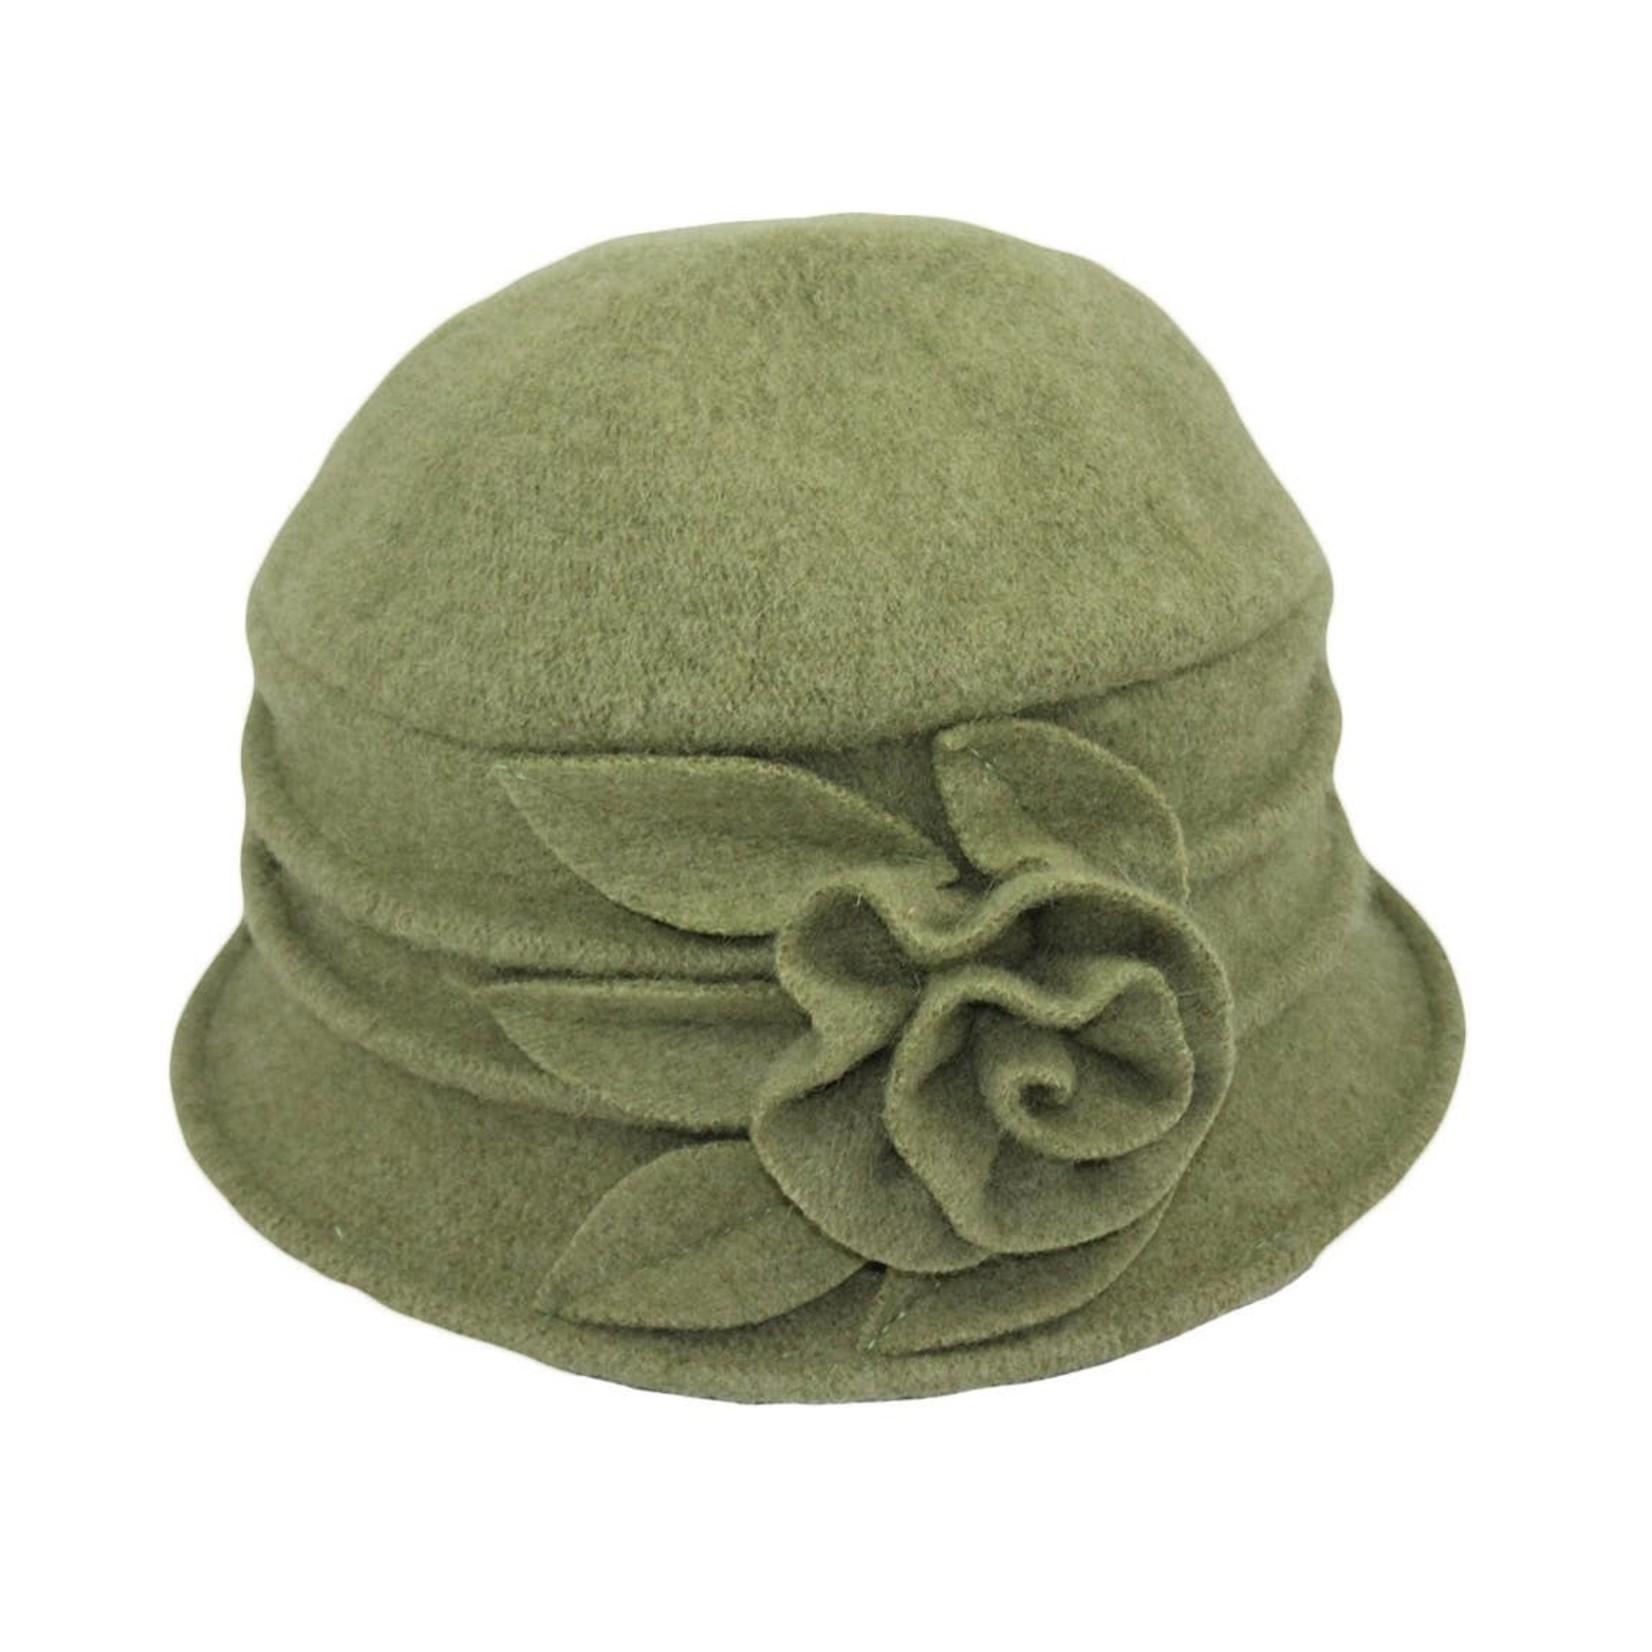 Jeanne Simmons Boiled Wool Bucket Hat w/ Ridges & Flower in Avocado